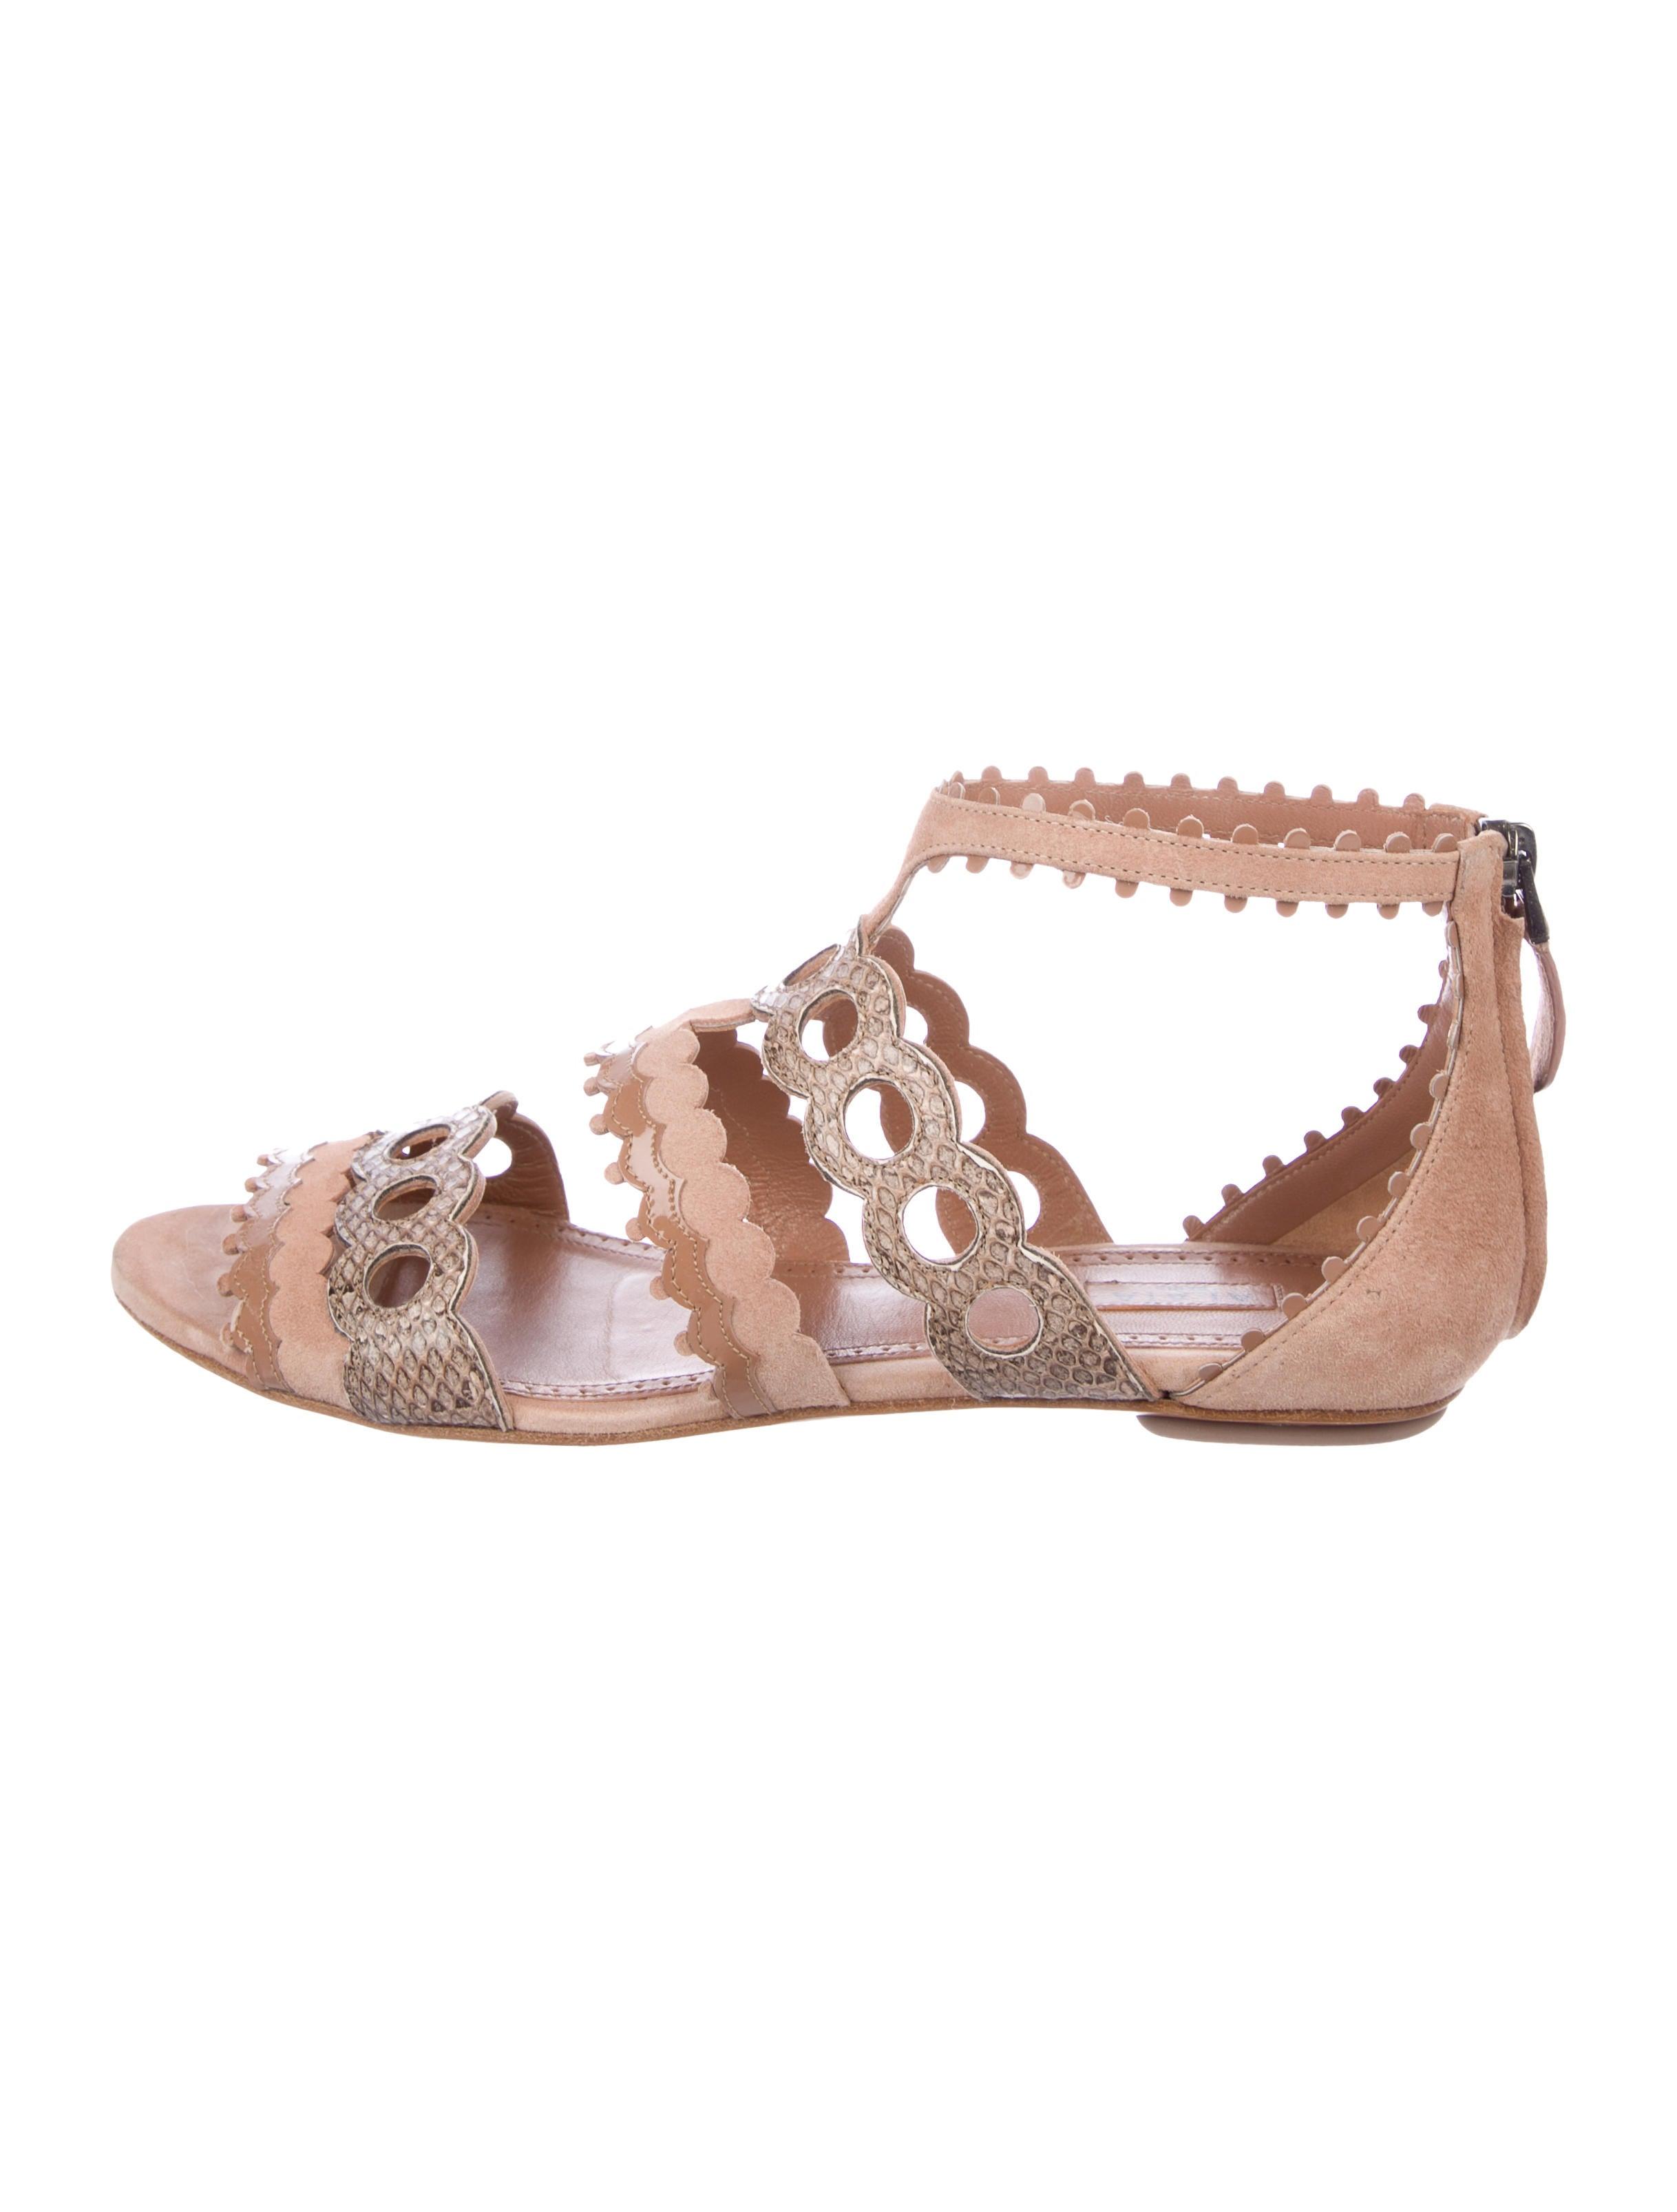 Alaïa Scallop Cutout Sandals buy cheap price largest supplier sale online footlocker pictures cheap price collections cheap price 7AeDFDkH